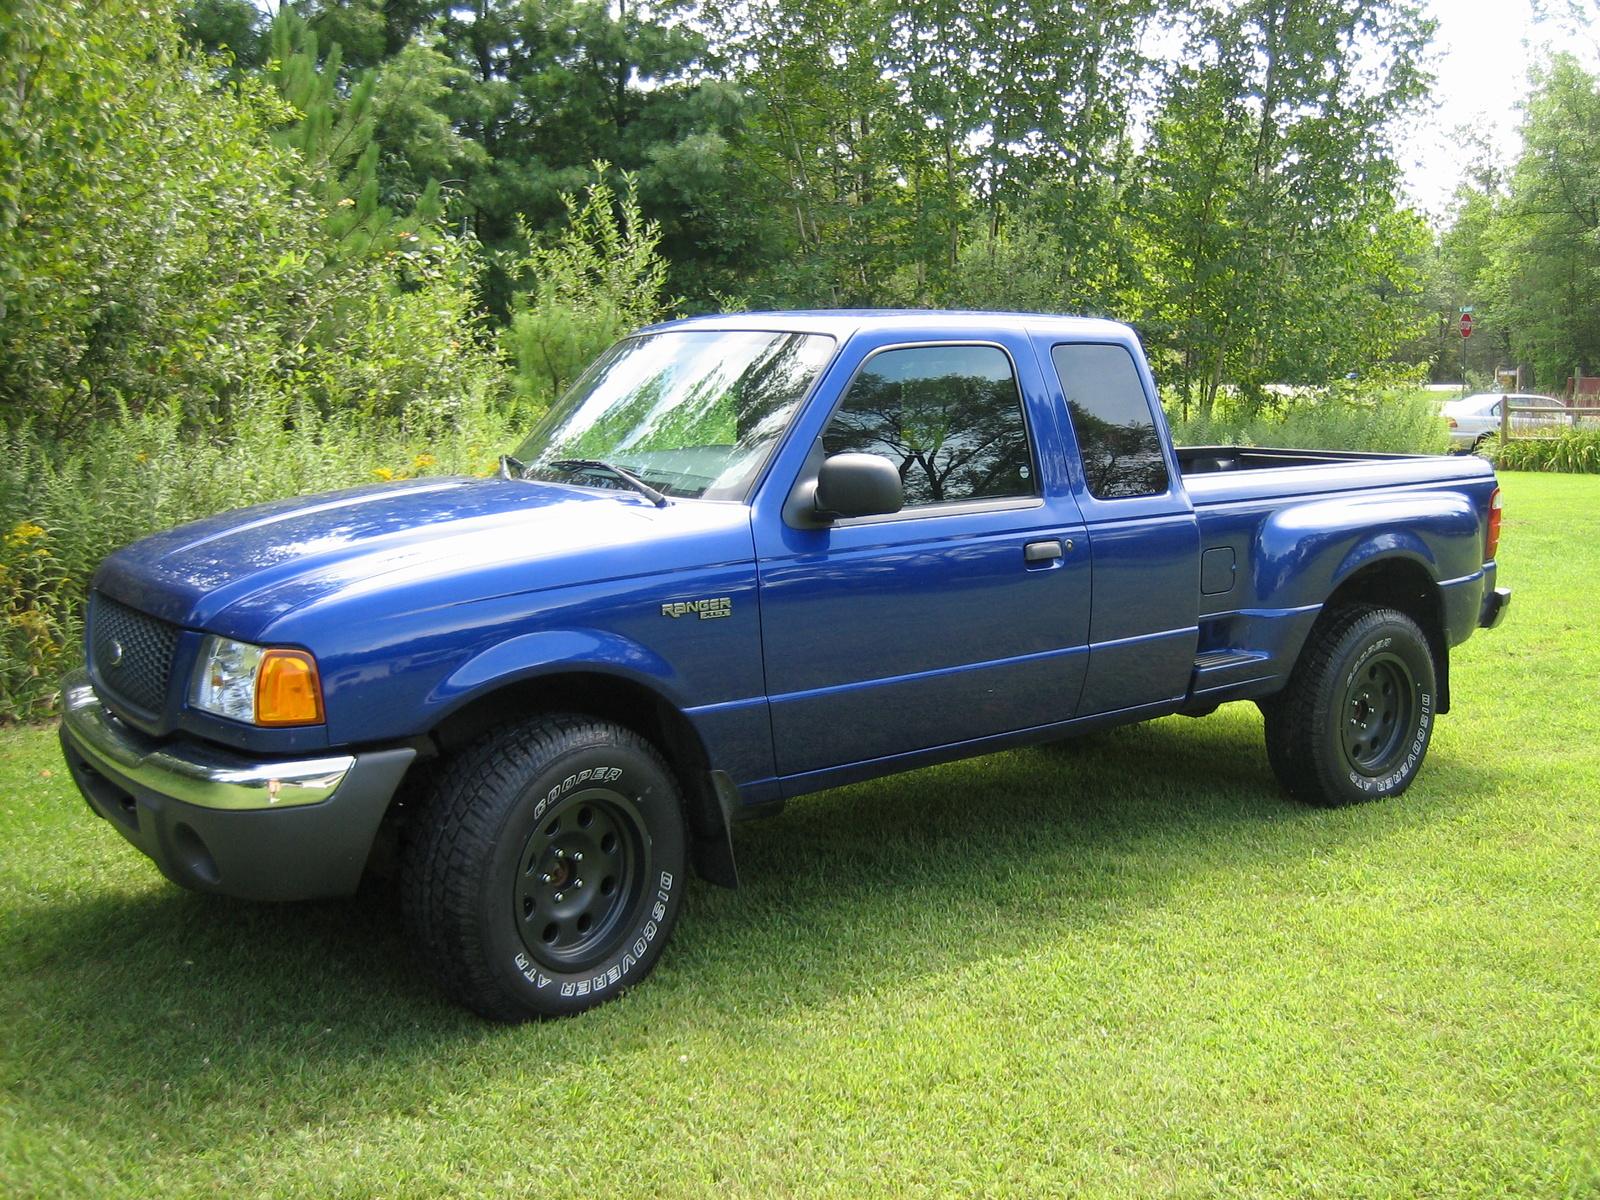 2003 ford ranger 19 ford ranger 19